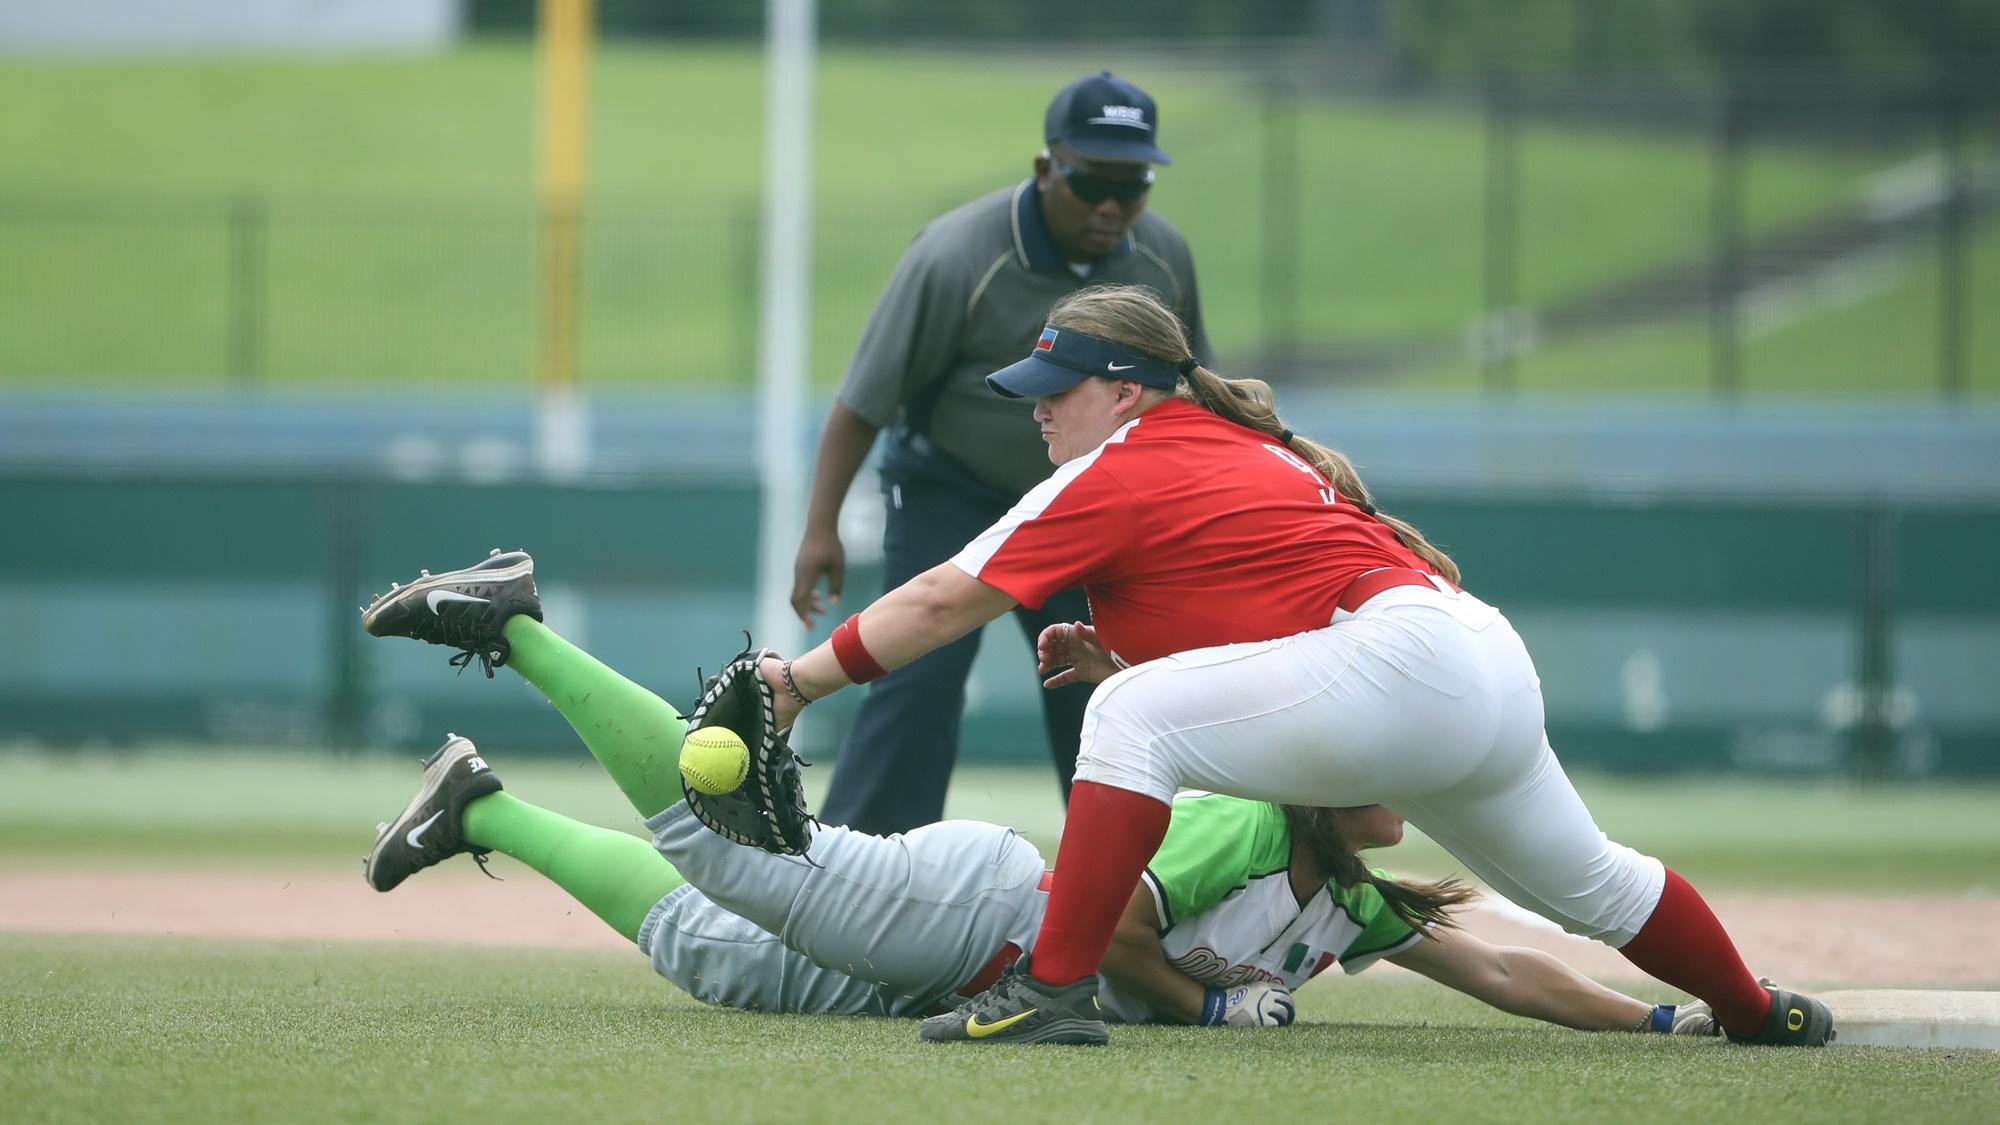 Close play at first base